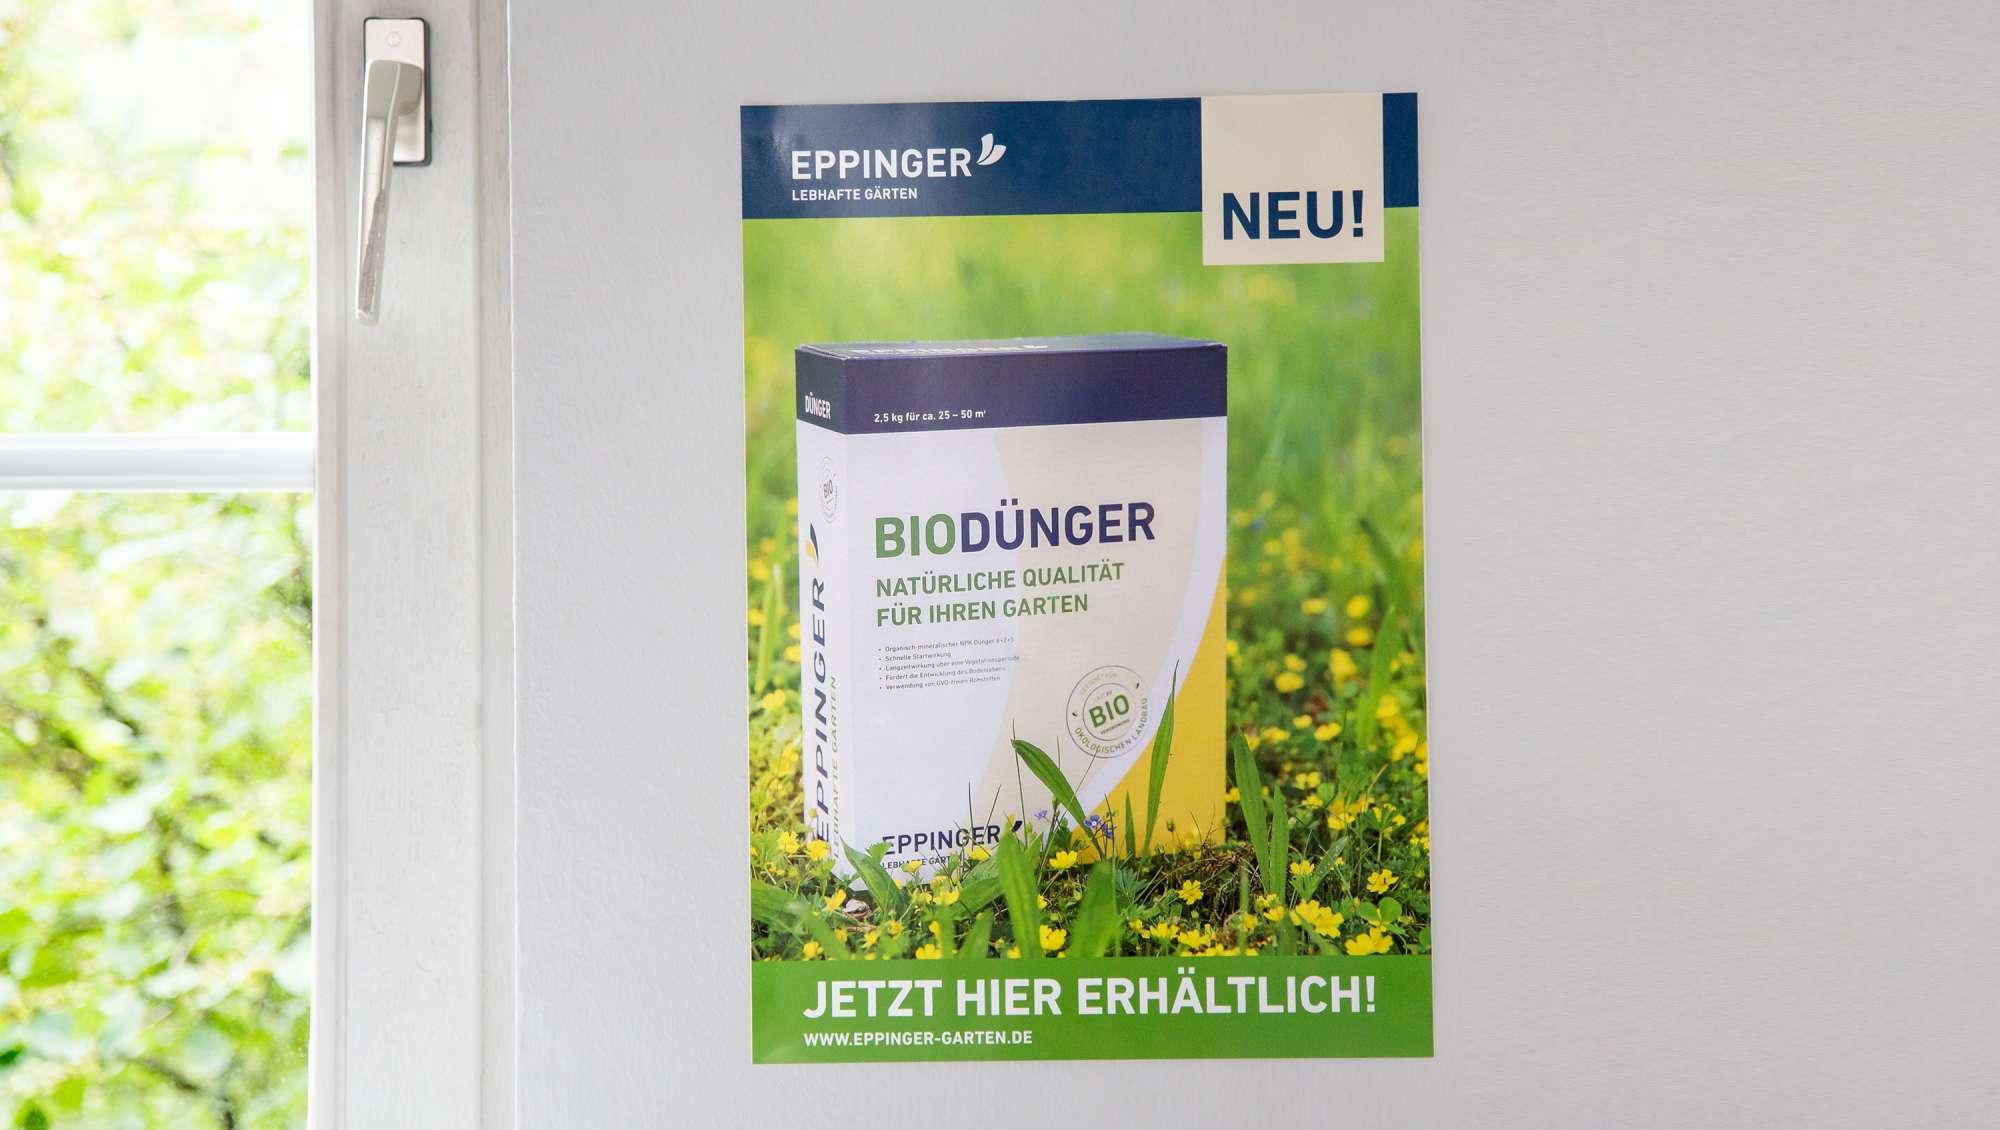 Plakat Eppinger Bio von brand49